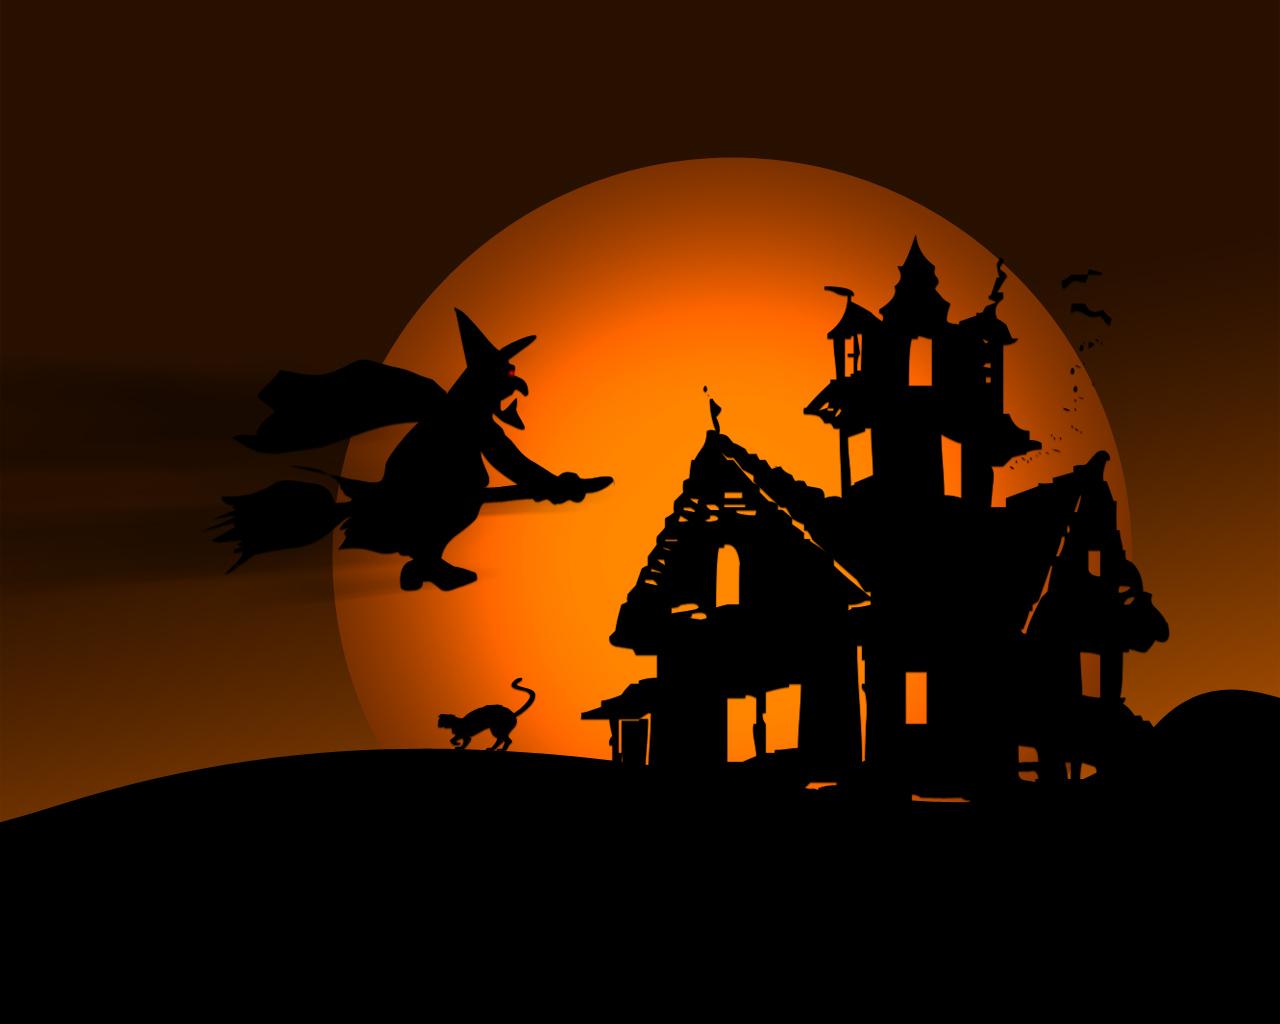 Halloween desktop wallpaper Costumes 1280x1024